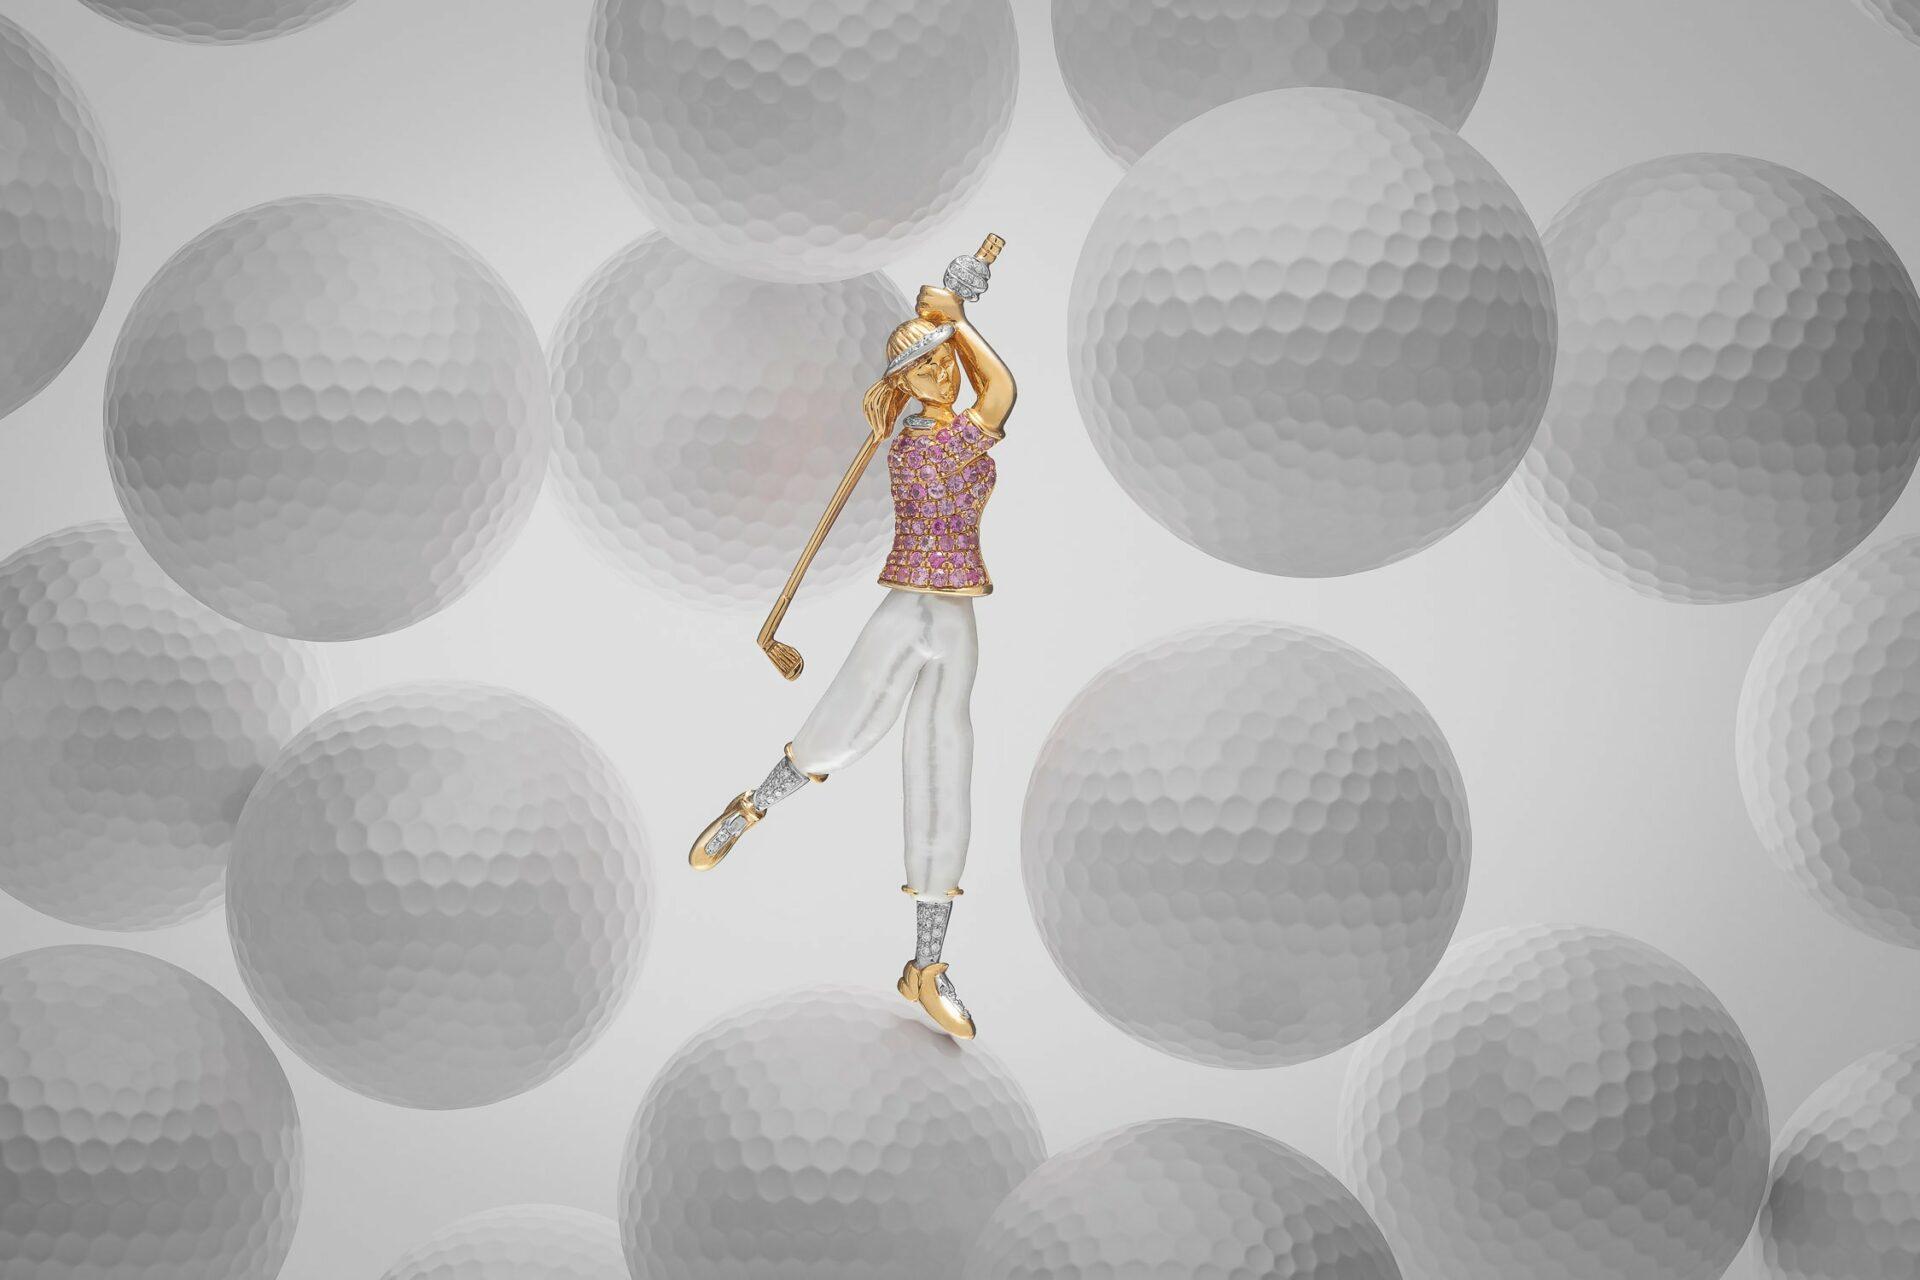 Golfer - CGI Jewelry